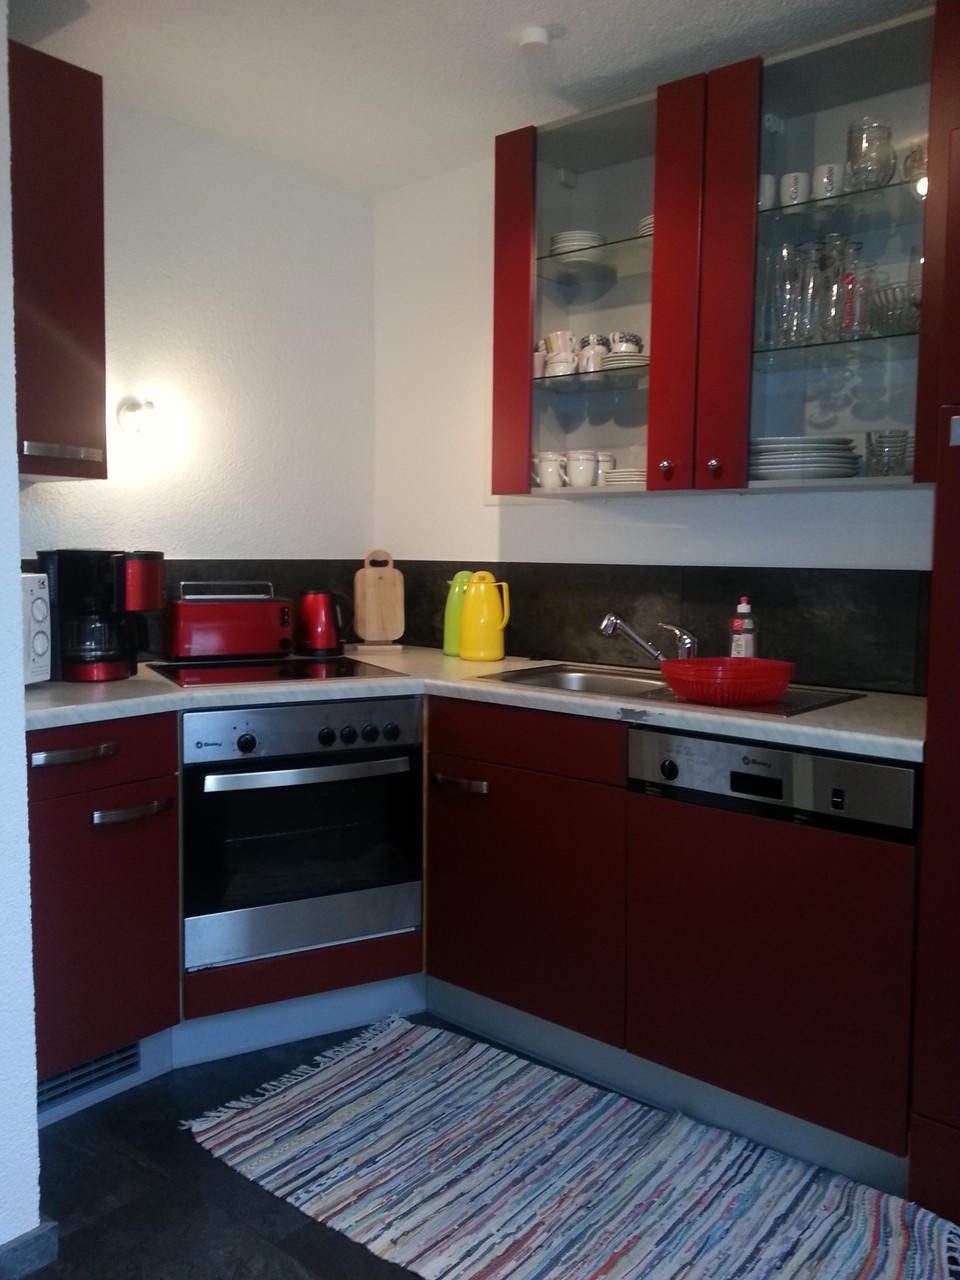 Voll ausgestattete Küche für unsere Hausgäste